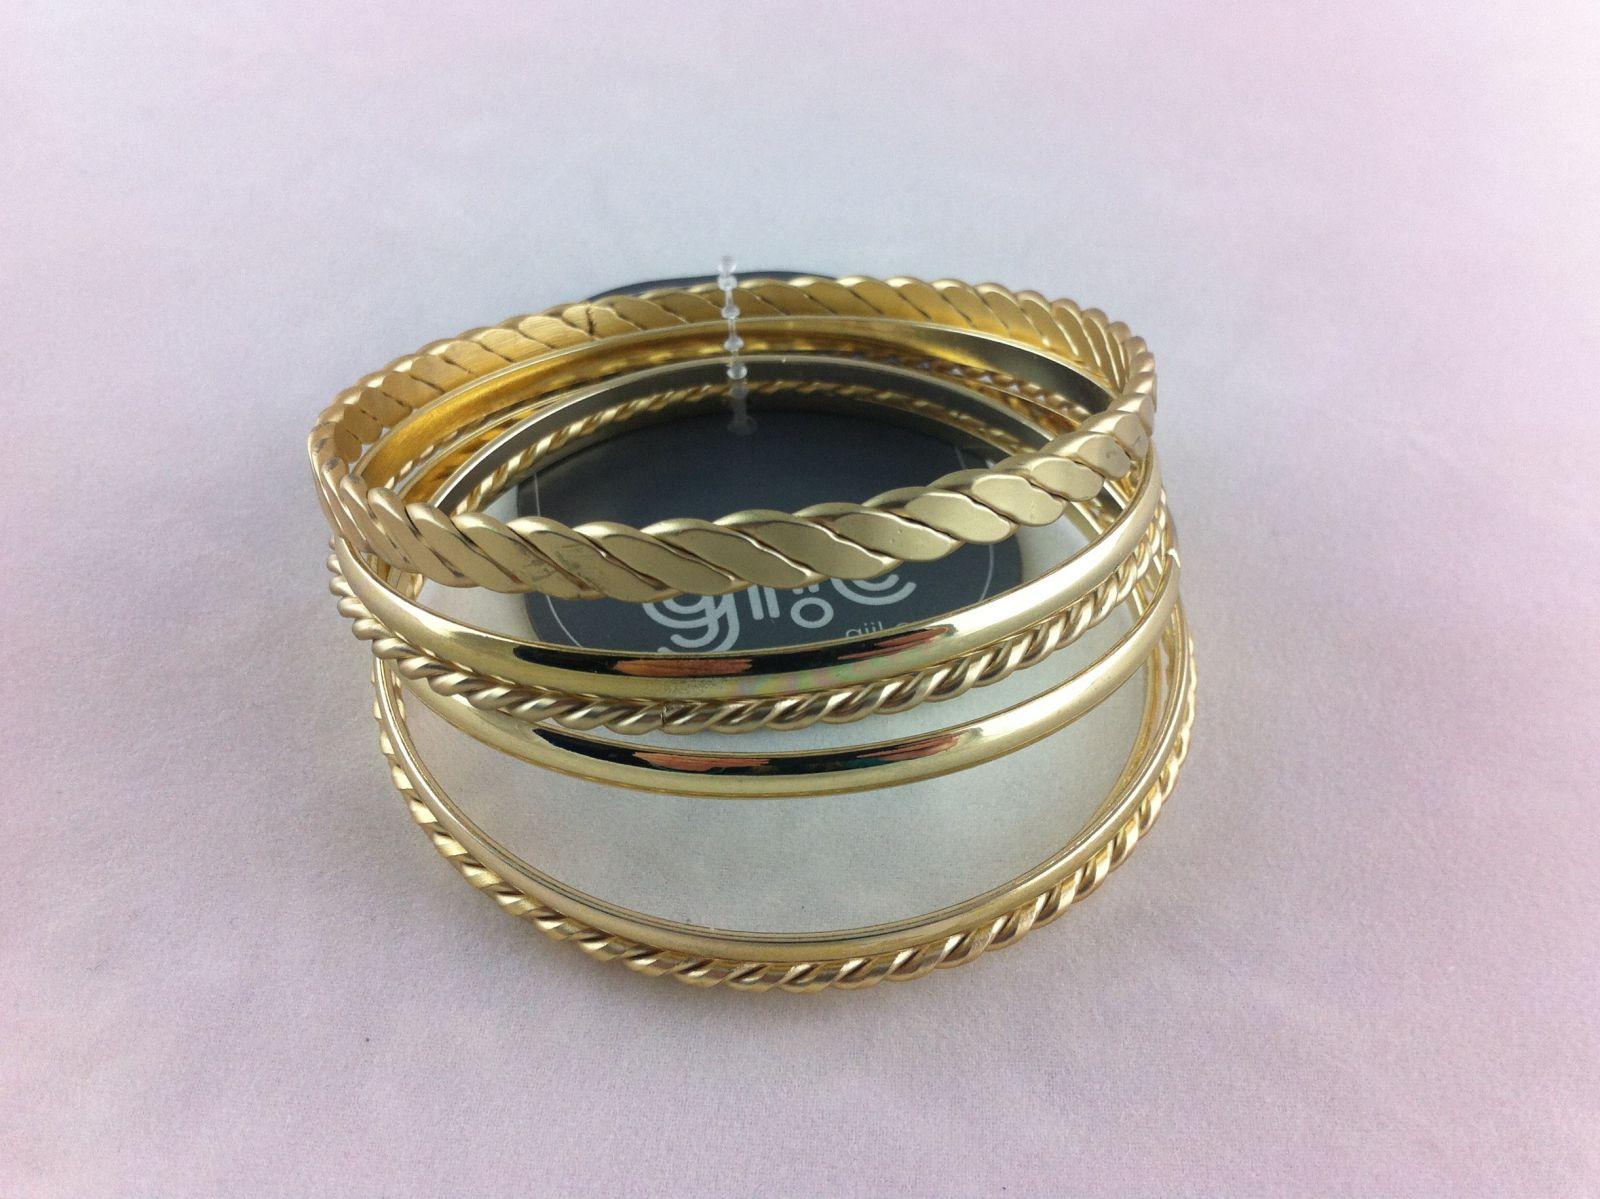 Zlaté navlékací náramky s různými motivy GIIL